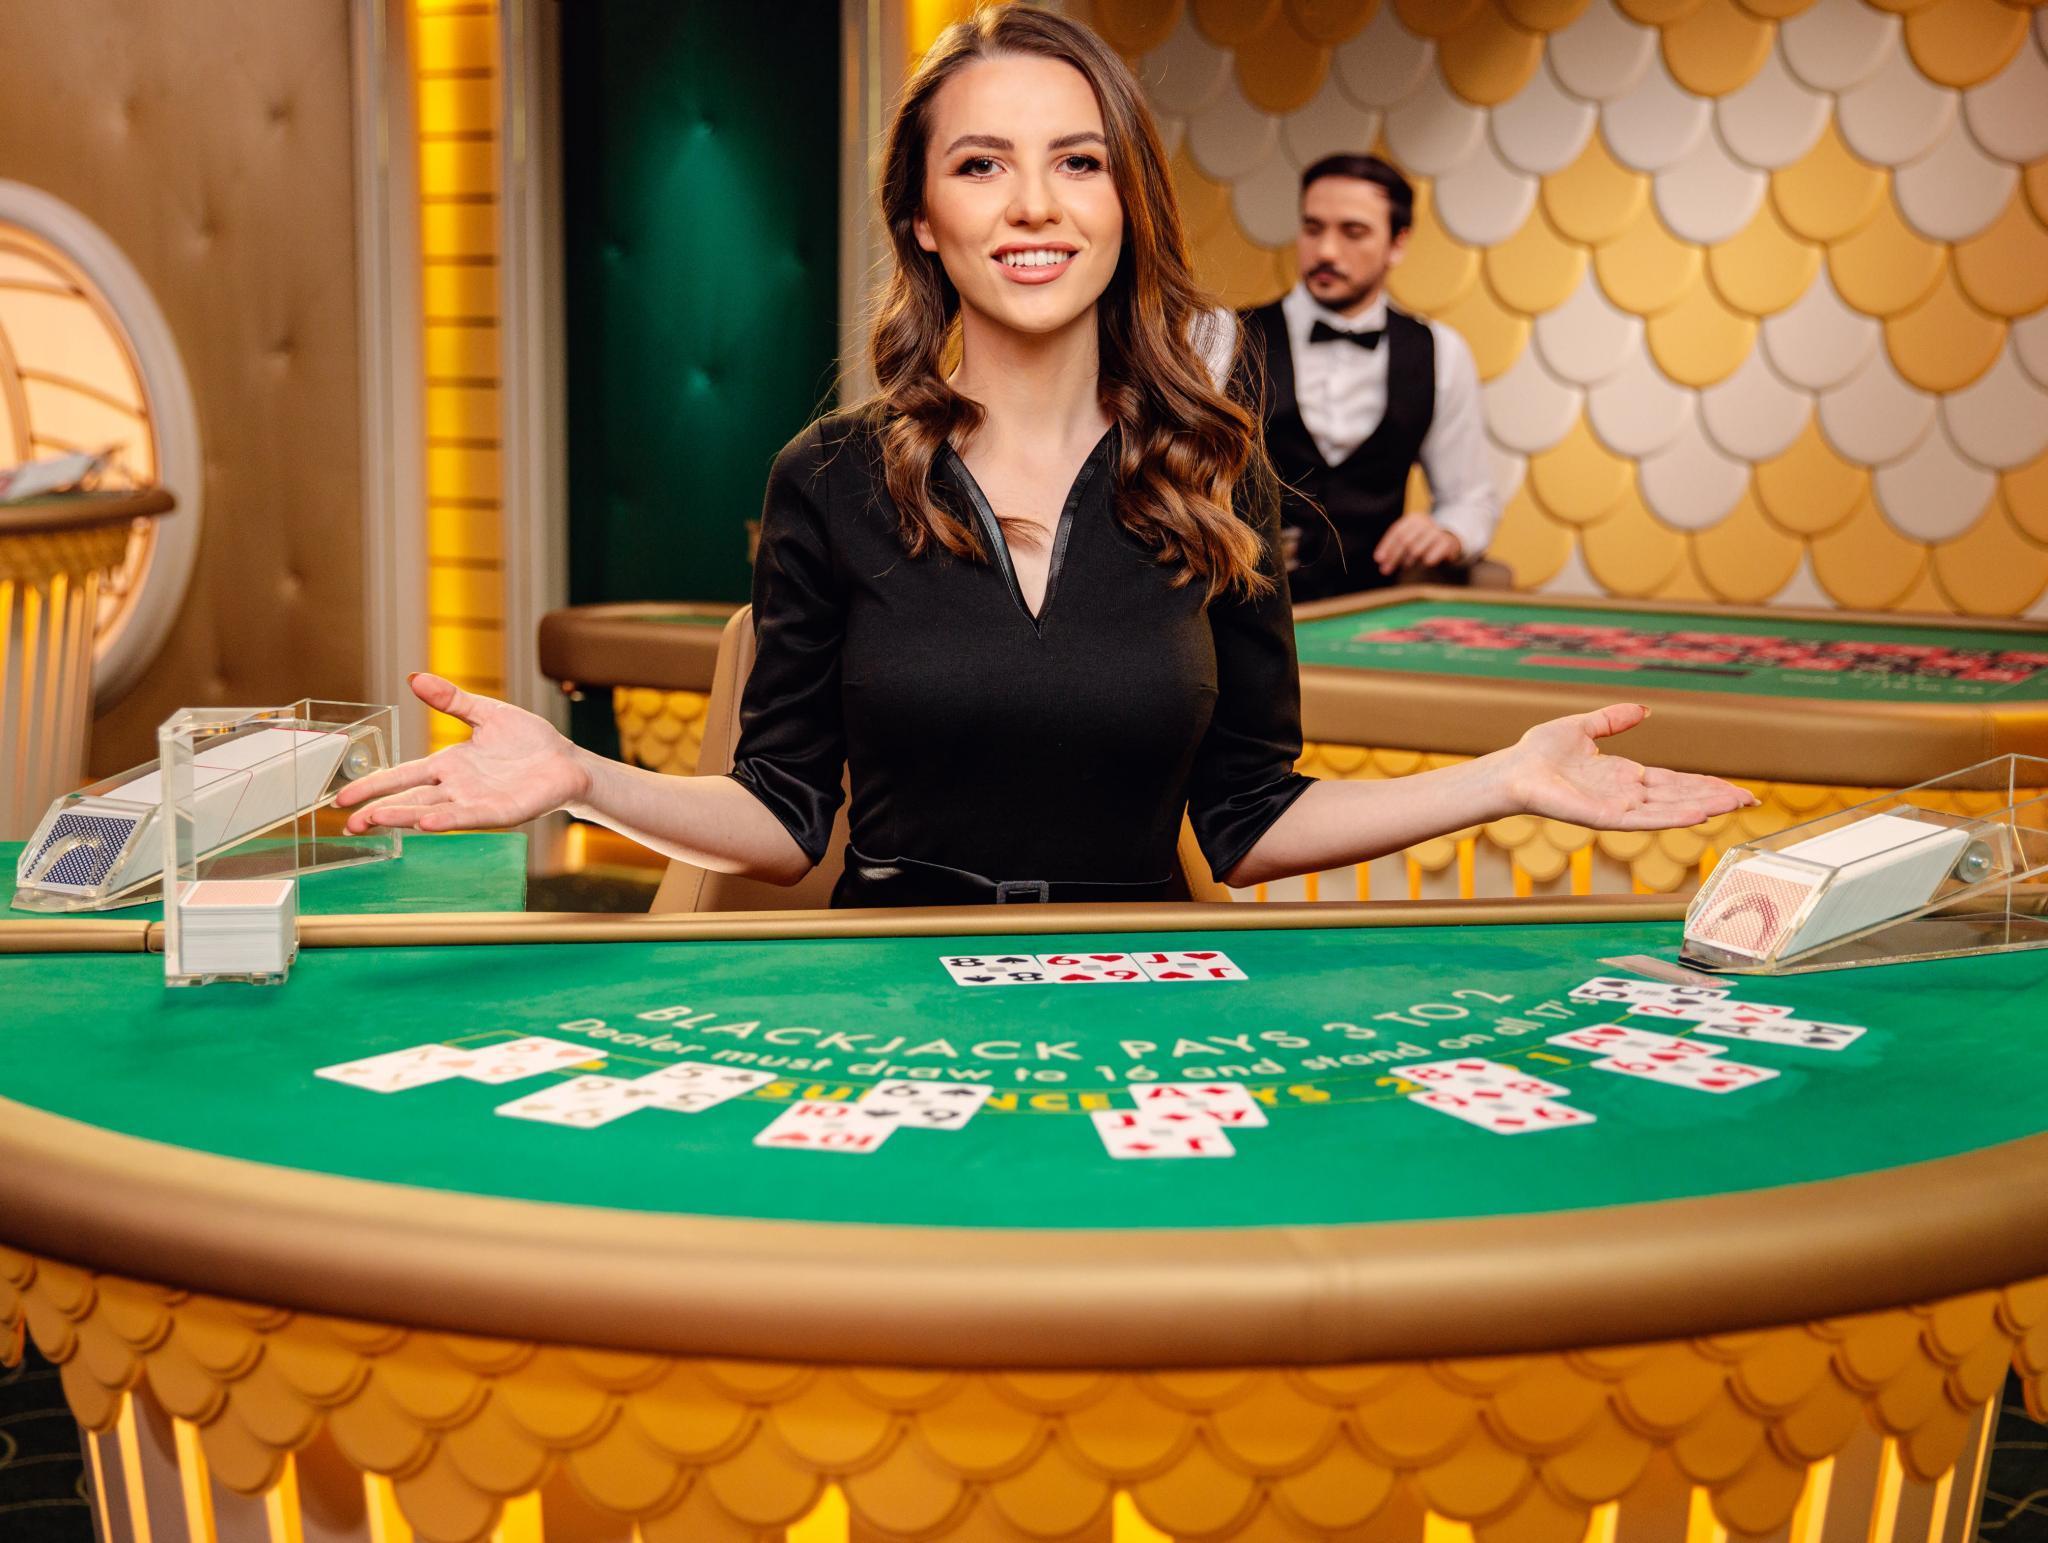 Det bedste blackjack casino online